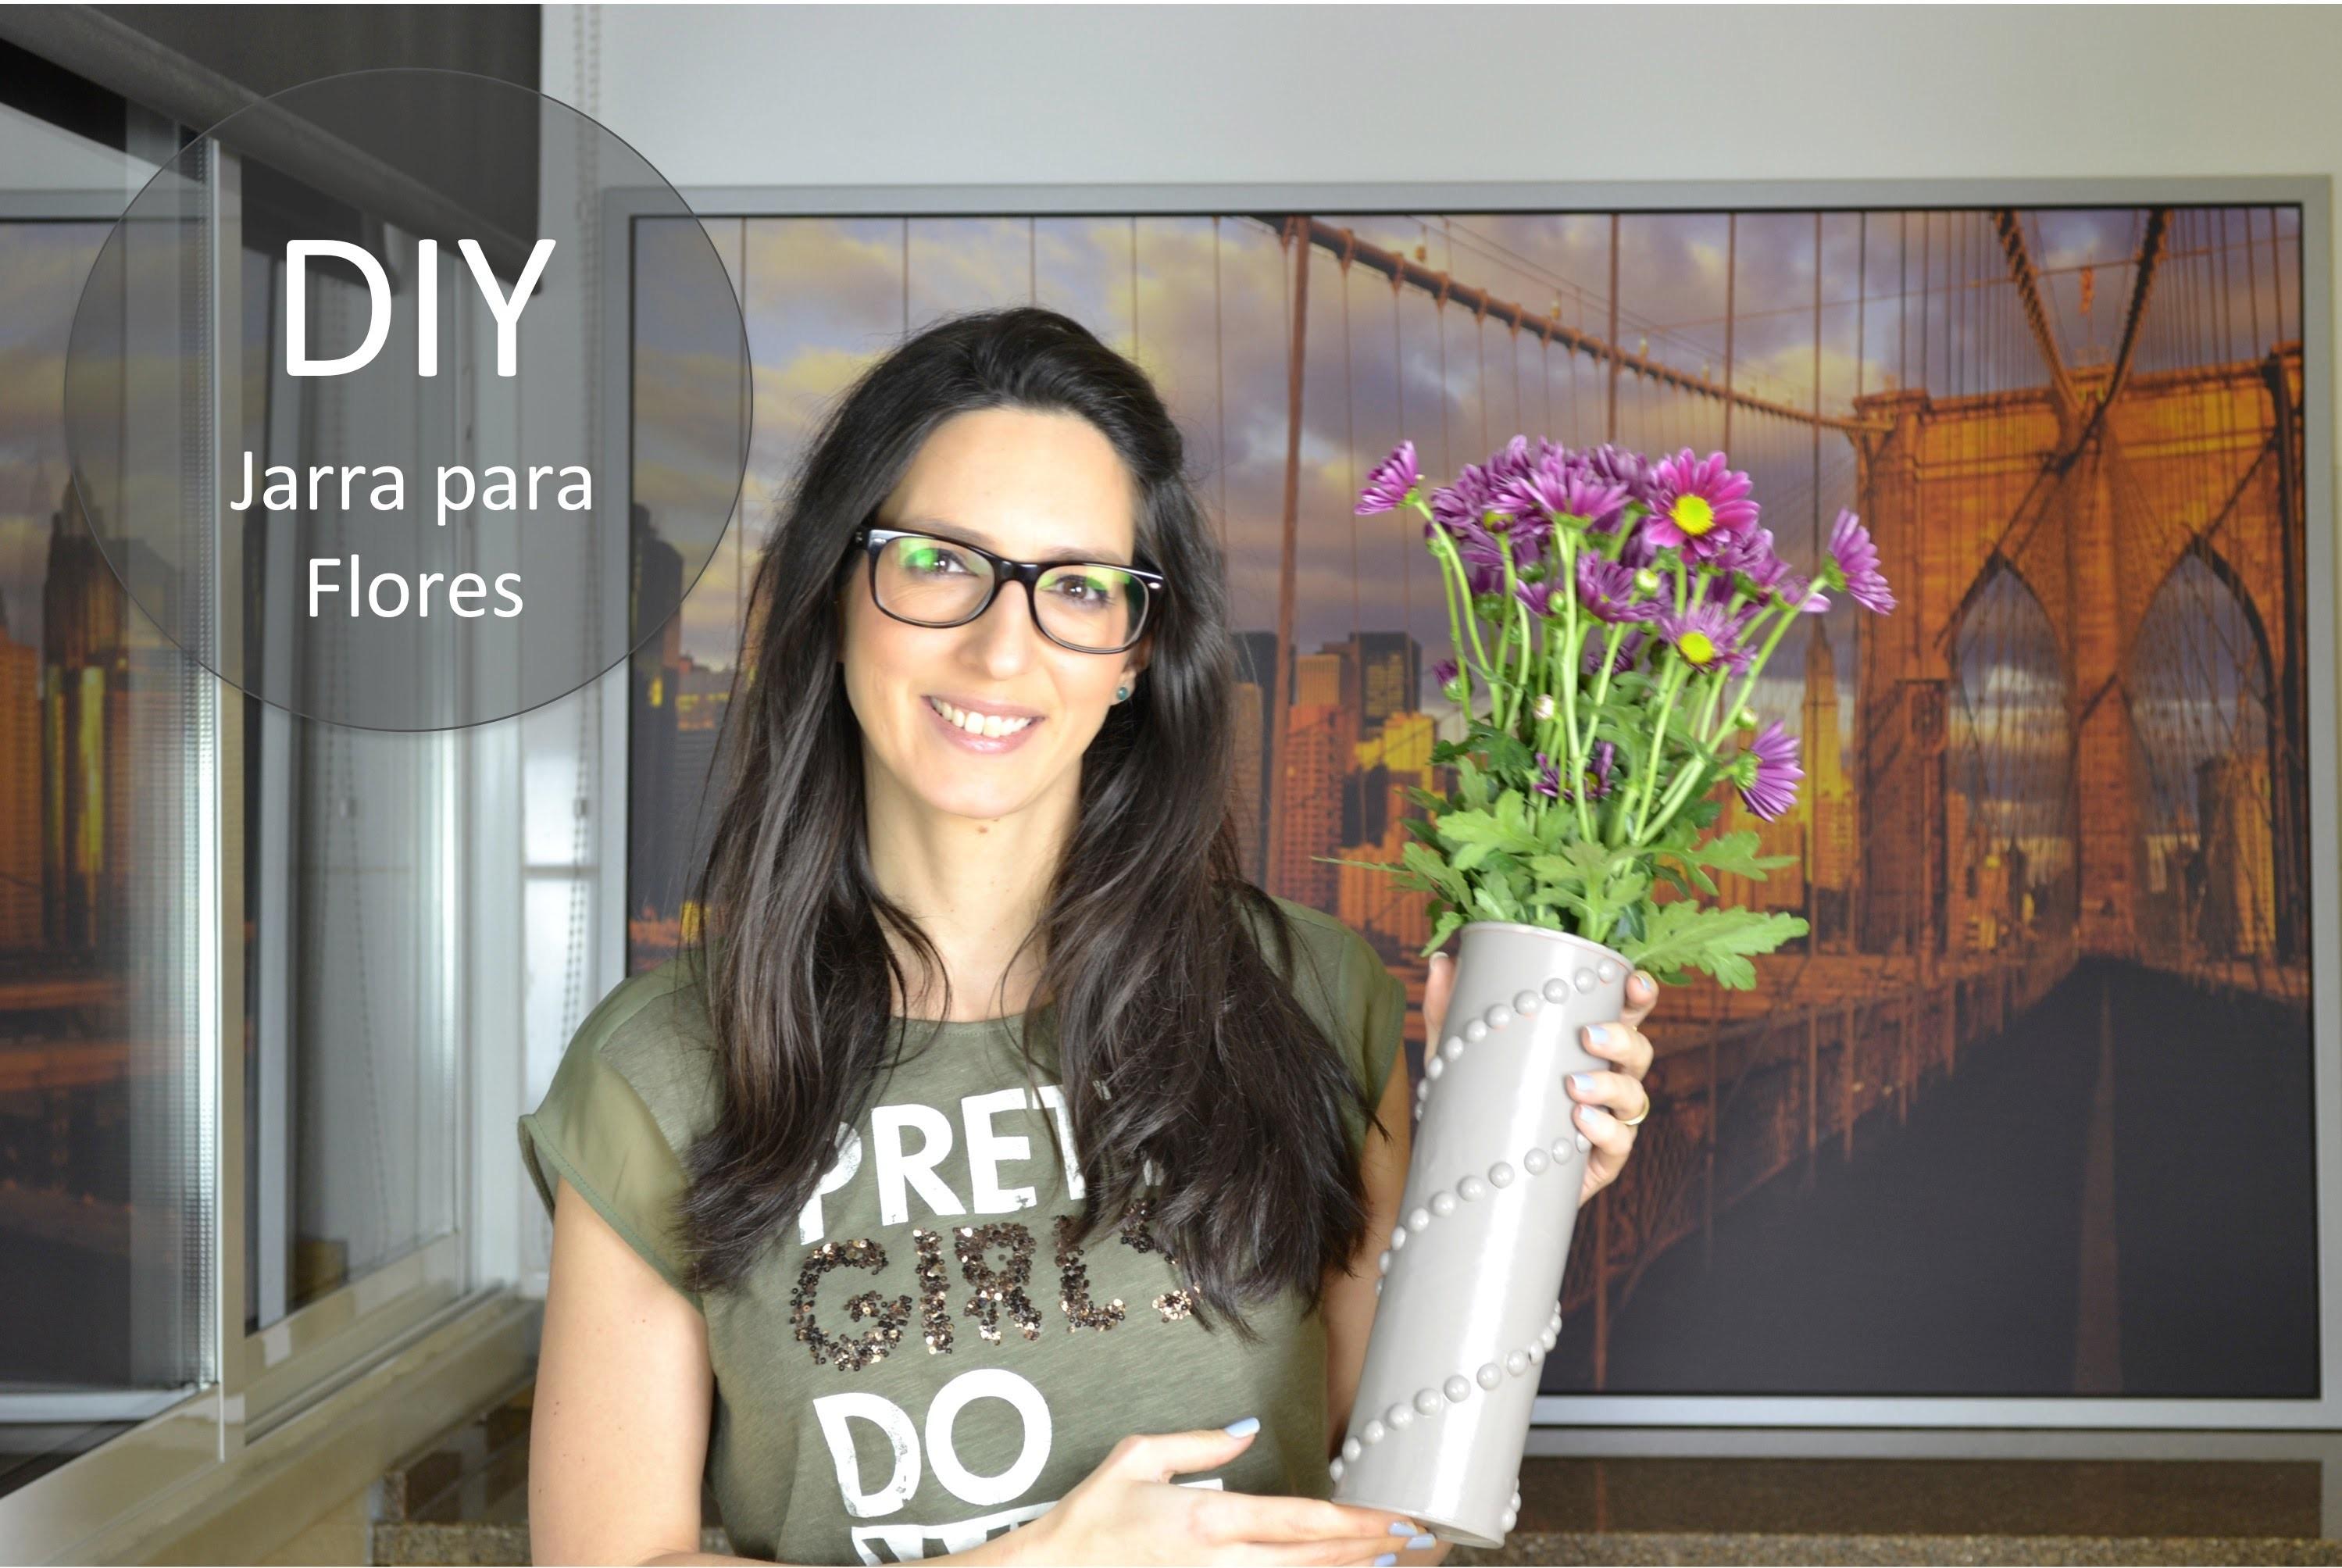 DIY Jarra para Flores